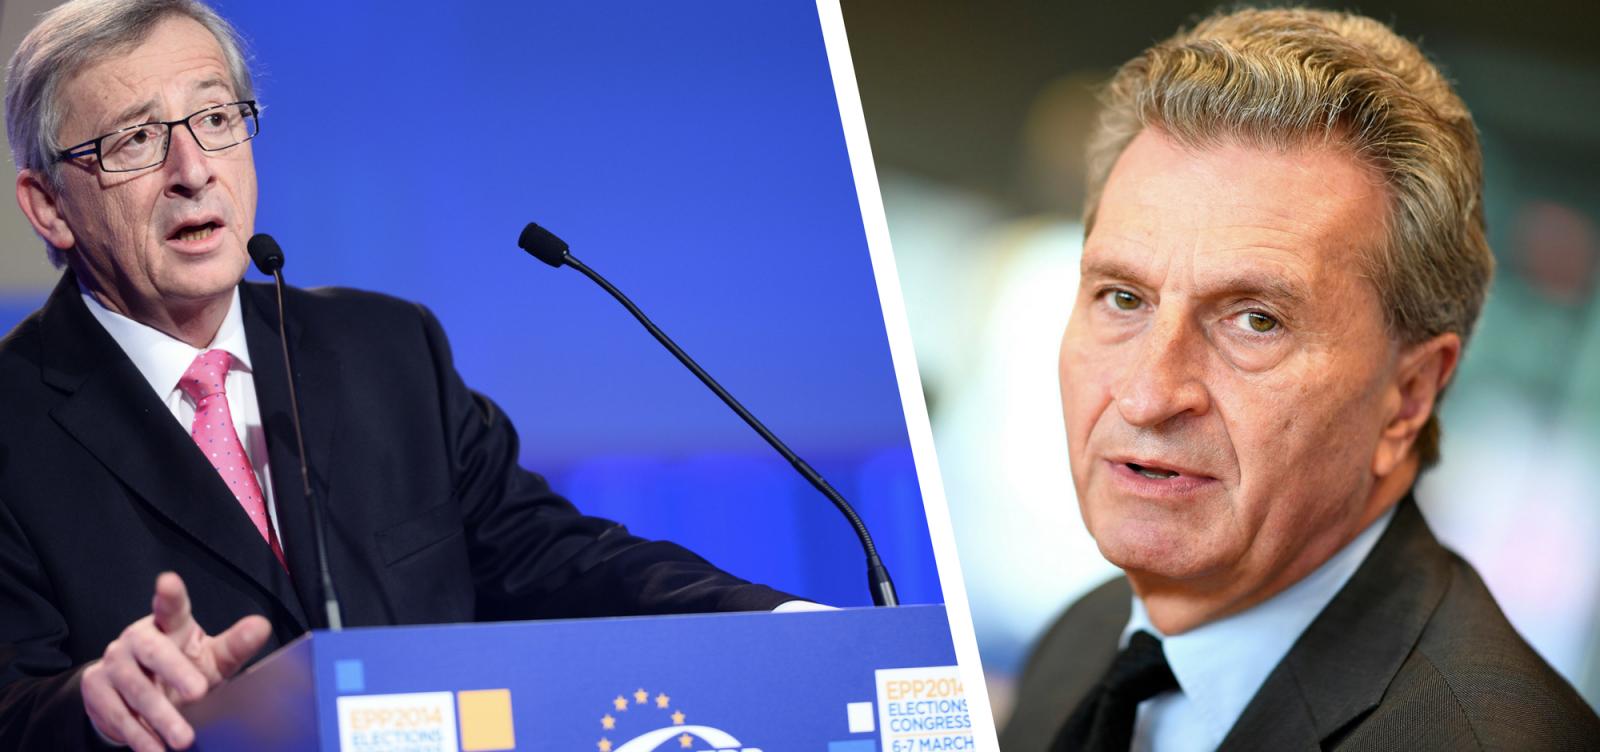 Jean-Claude Juncker, Presidente della Commissione Europea, e Günther Oettinger, Commissario europeo per la programmazione finanziaria ed il bilancio. Credit: EPP Group in the CoR / Flickr, European People's Party / Flickr. Licenza: CC BY 2.0.